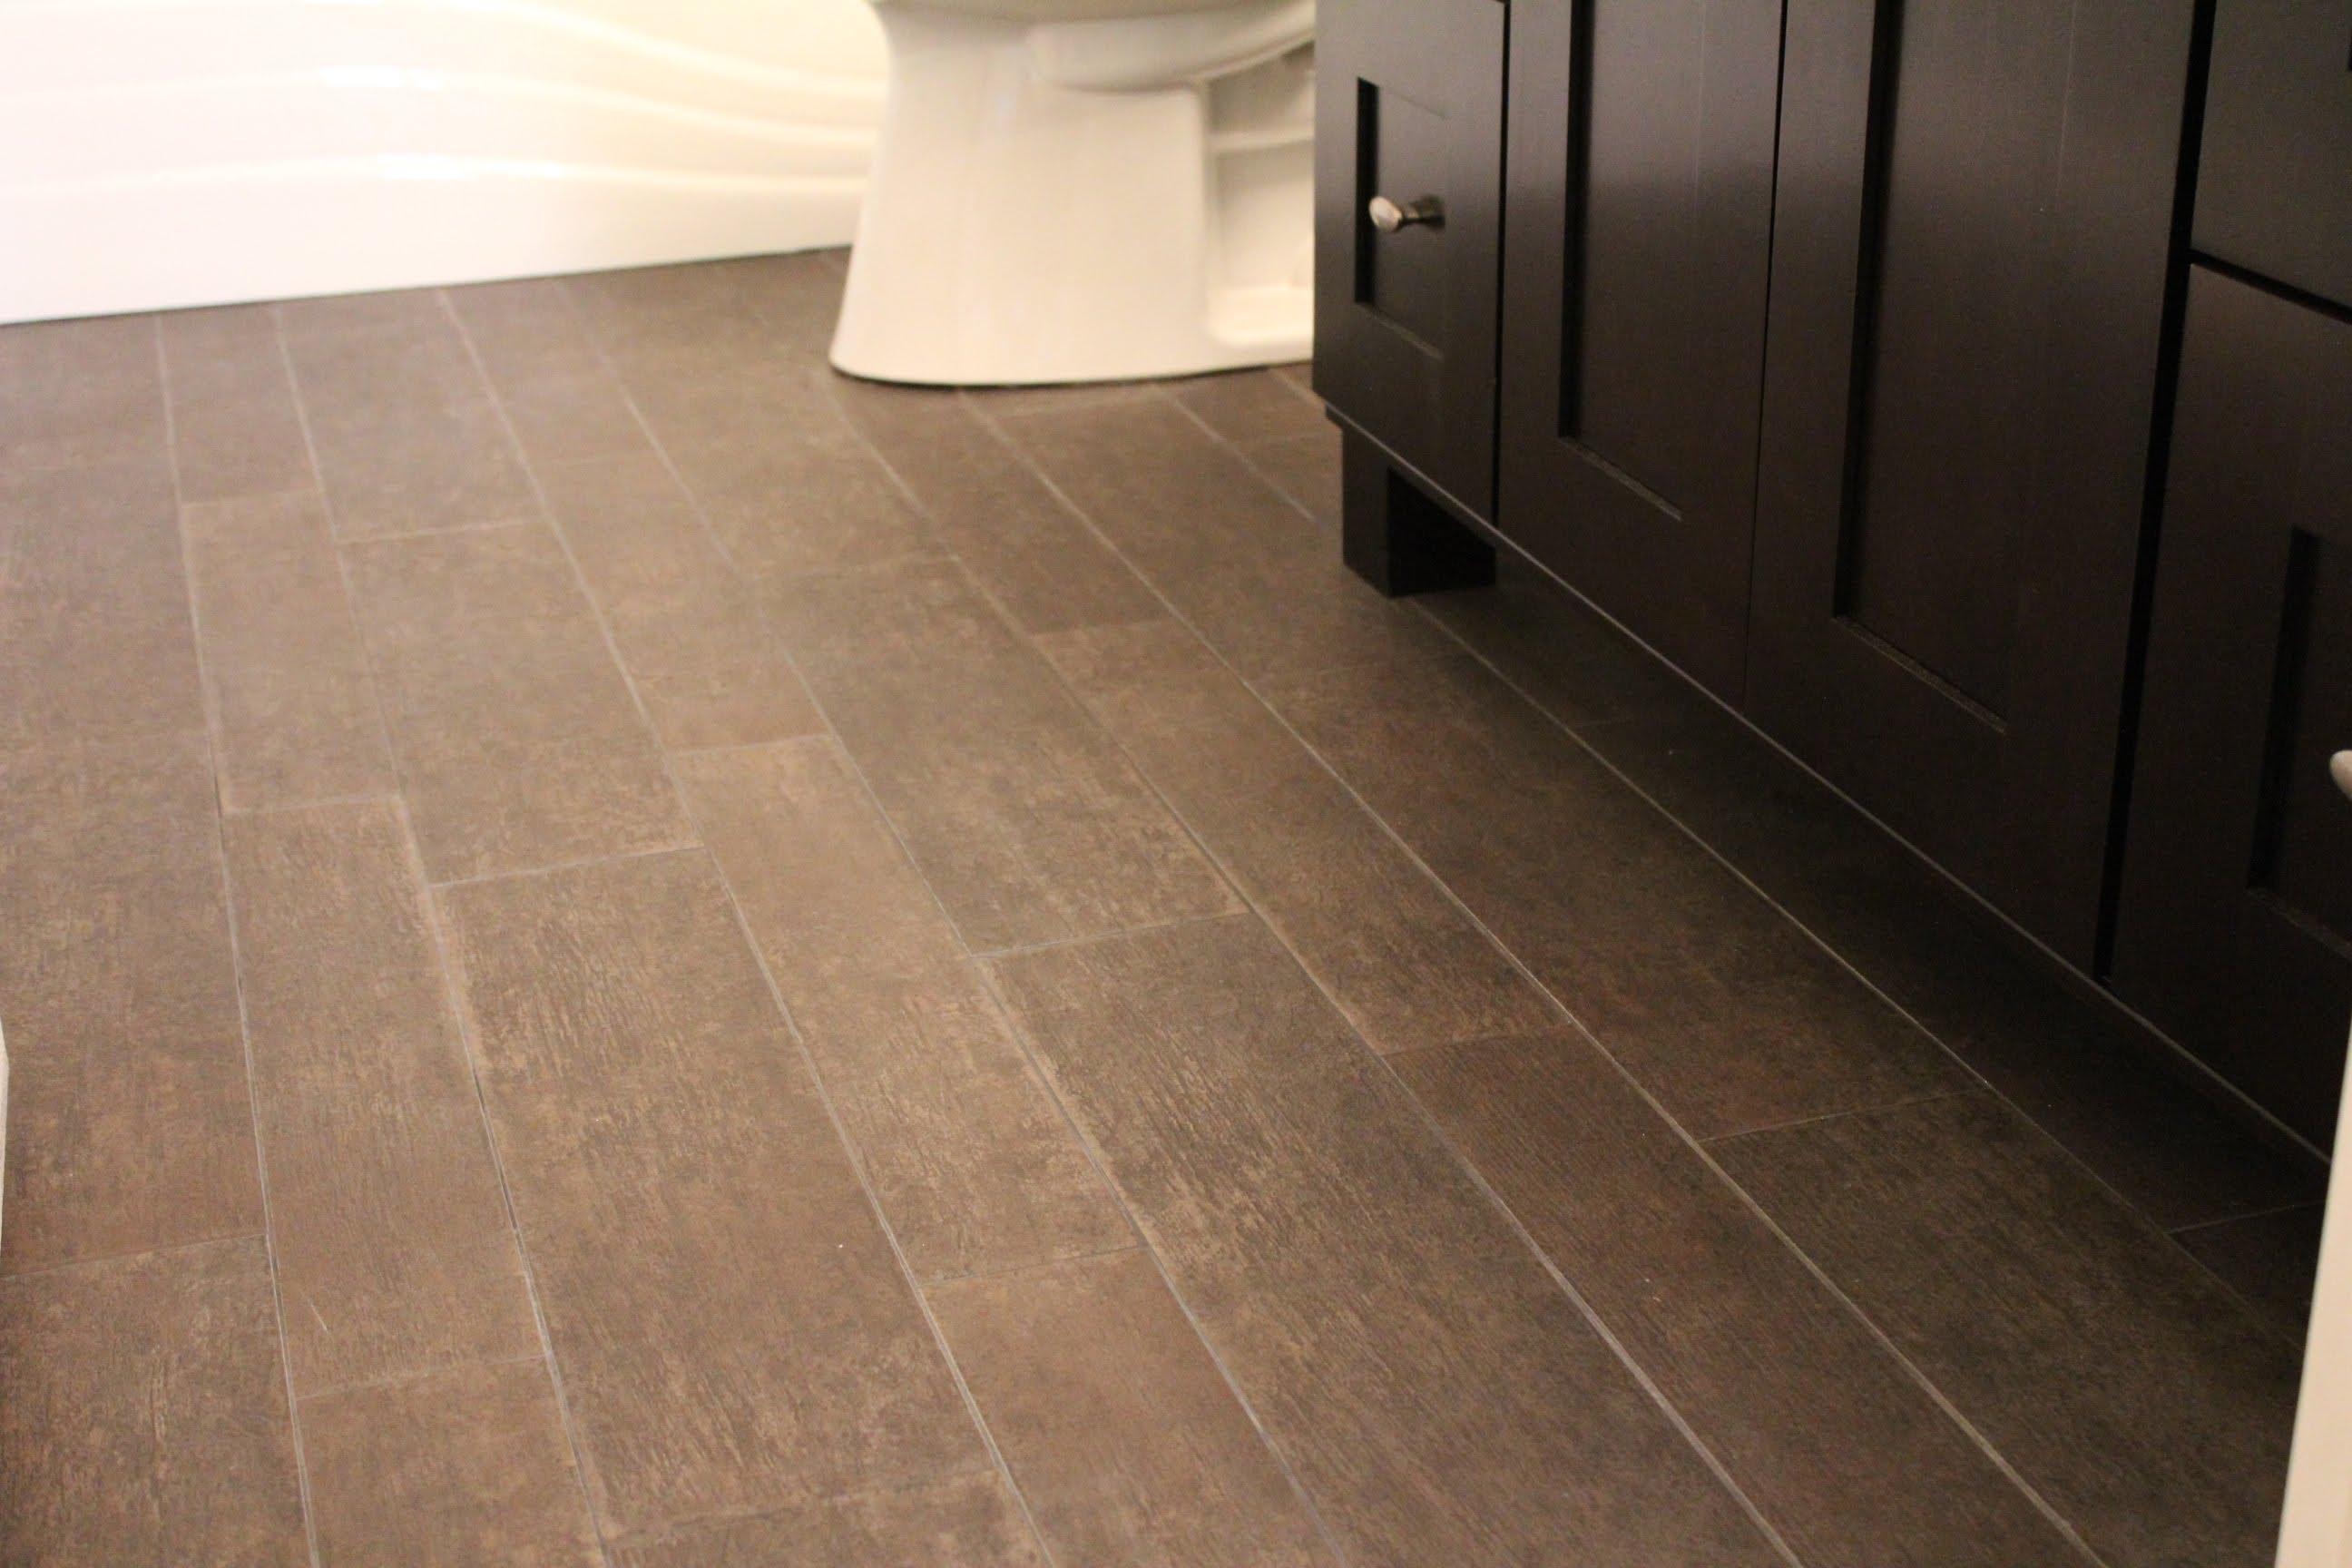 hardwood floor tiles installing tile that looks like hardwood - youtube FAYIGIY